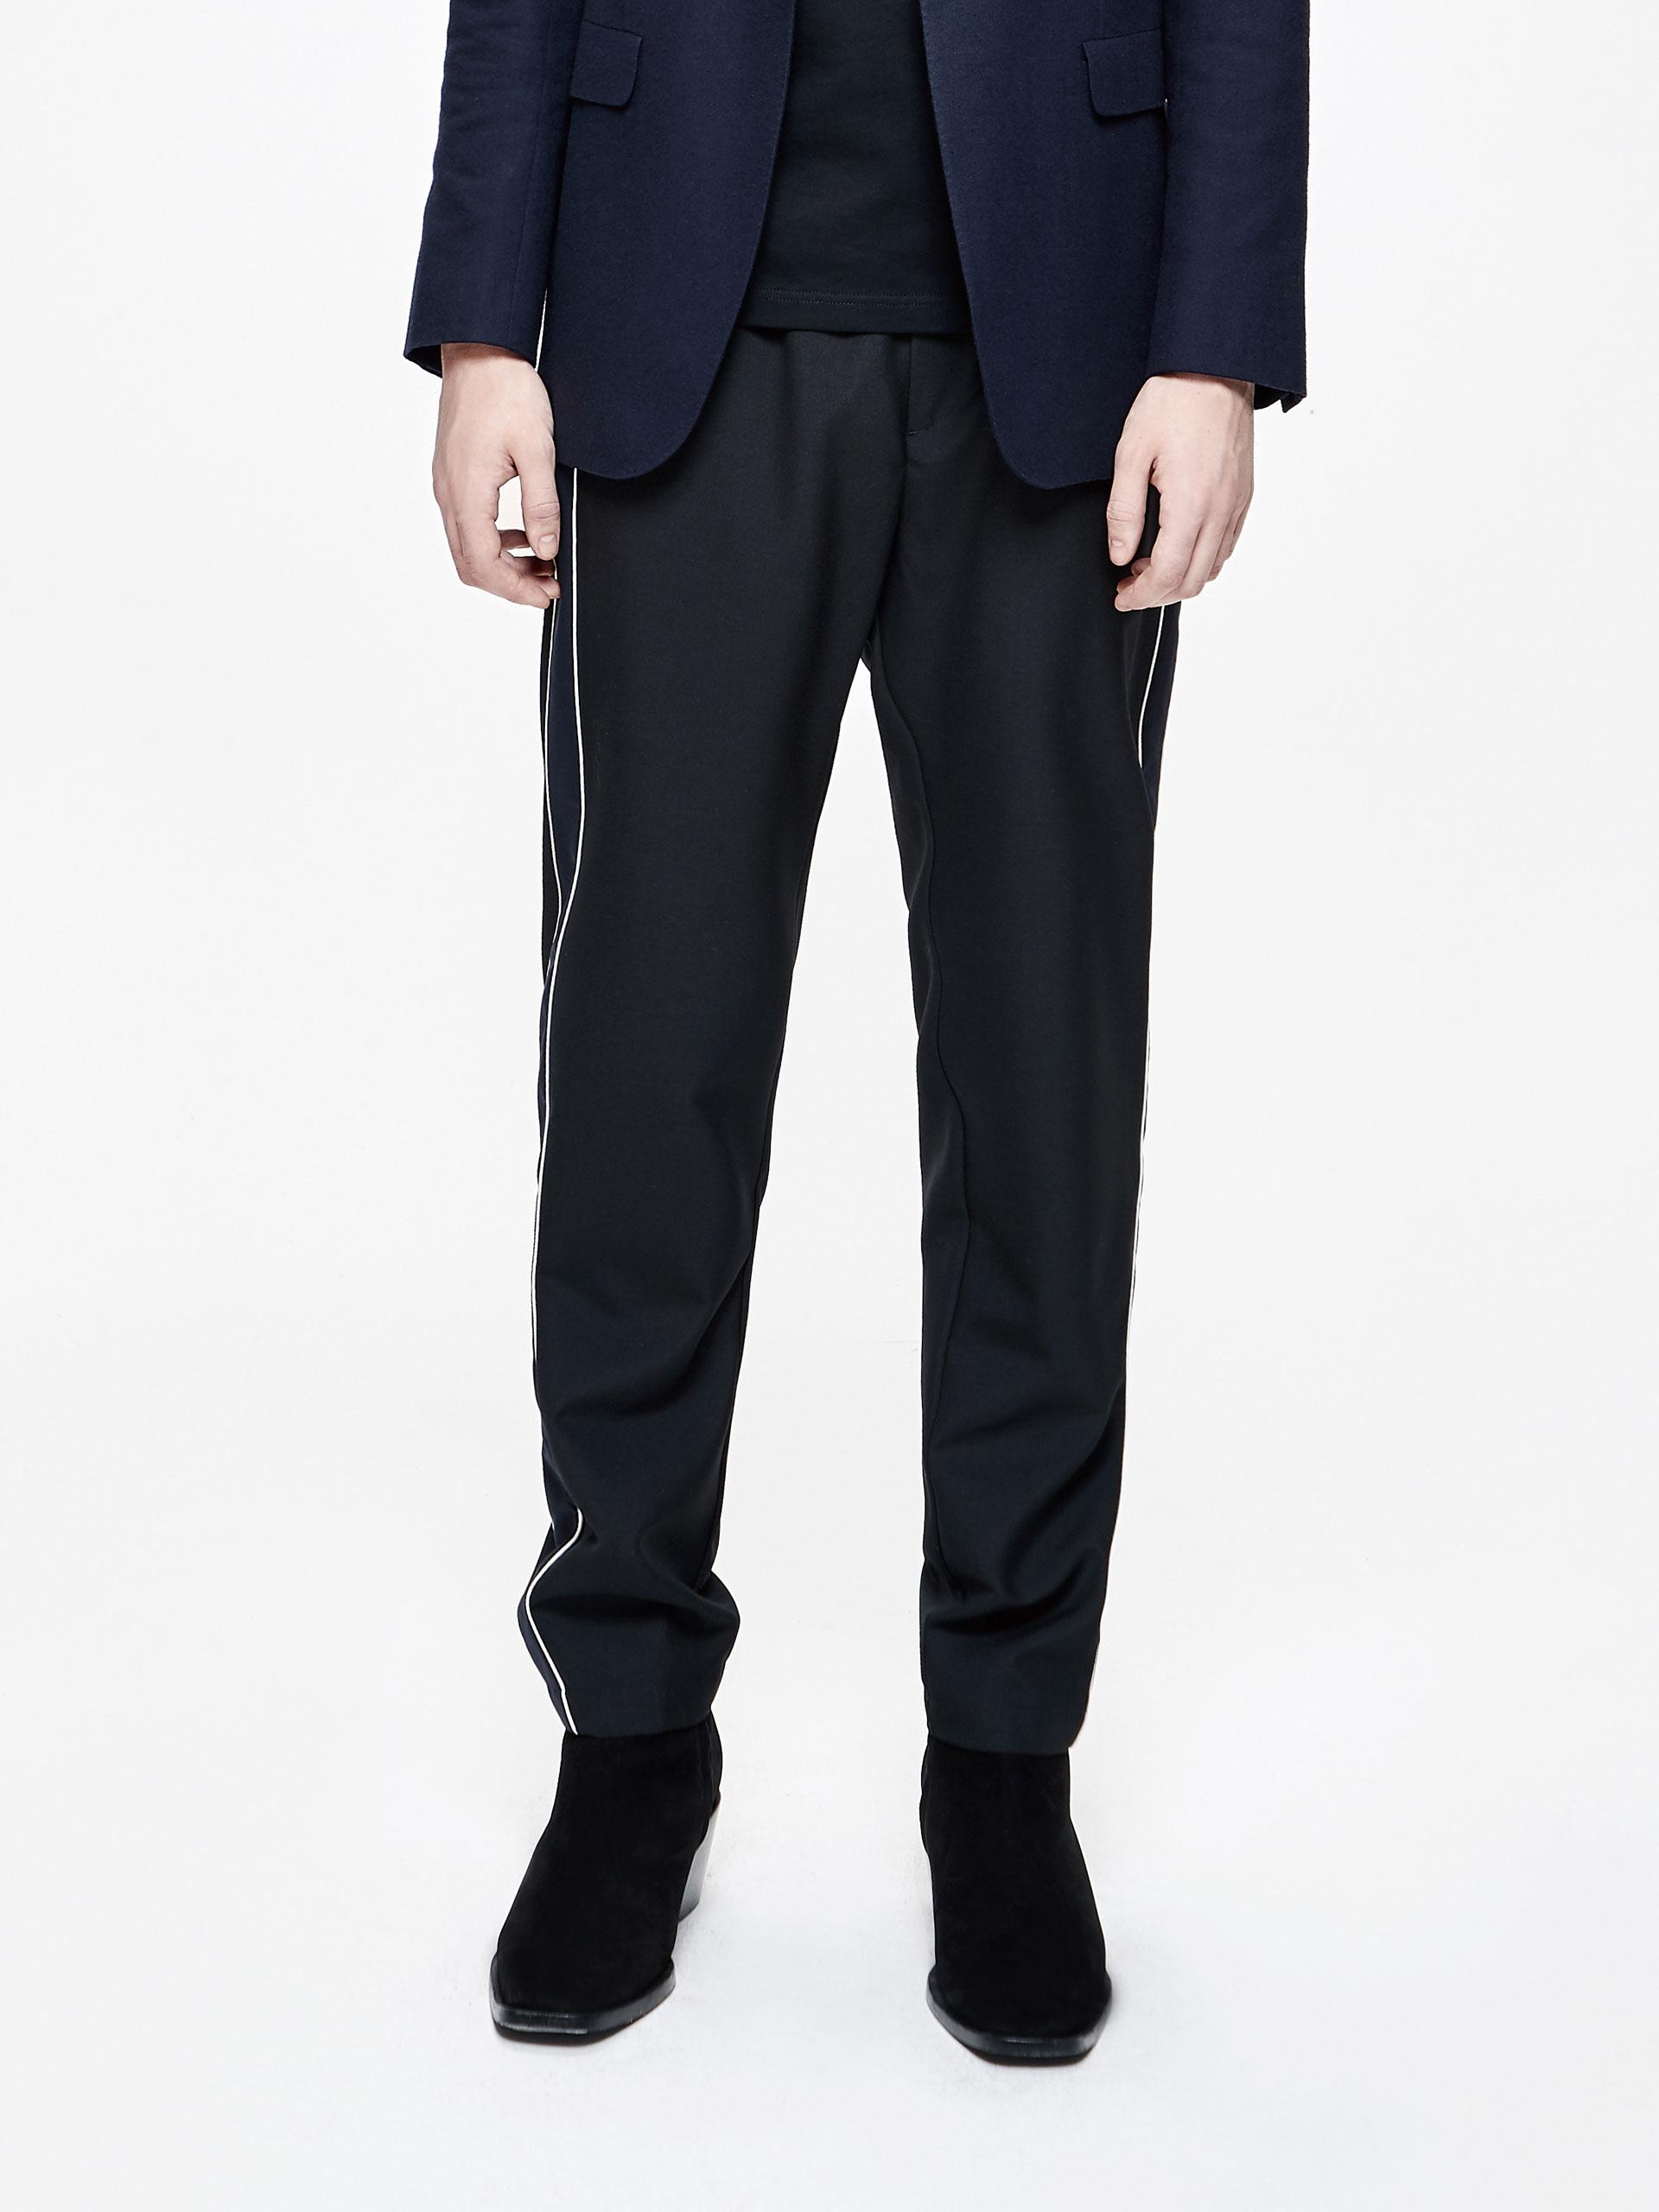 侧边拼料直筒长裤